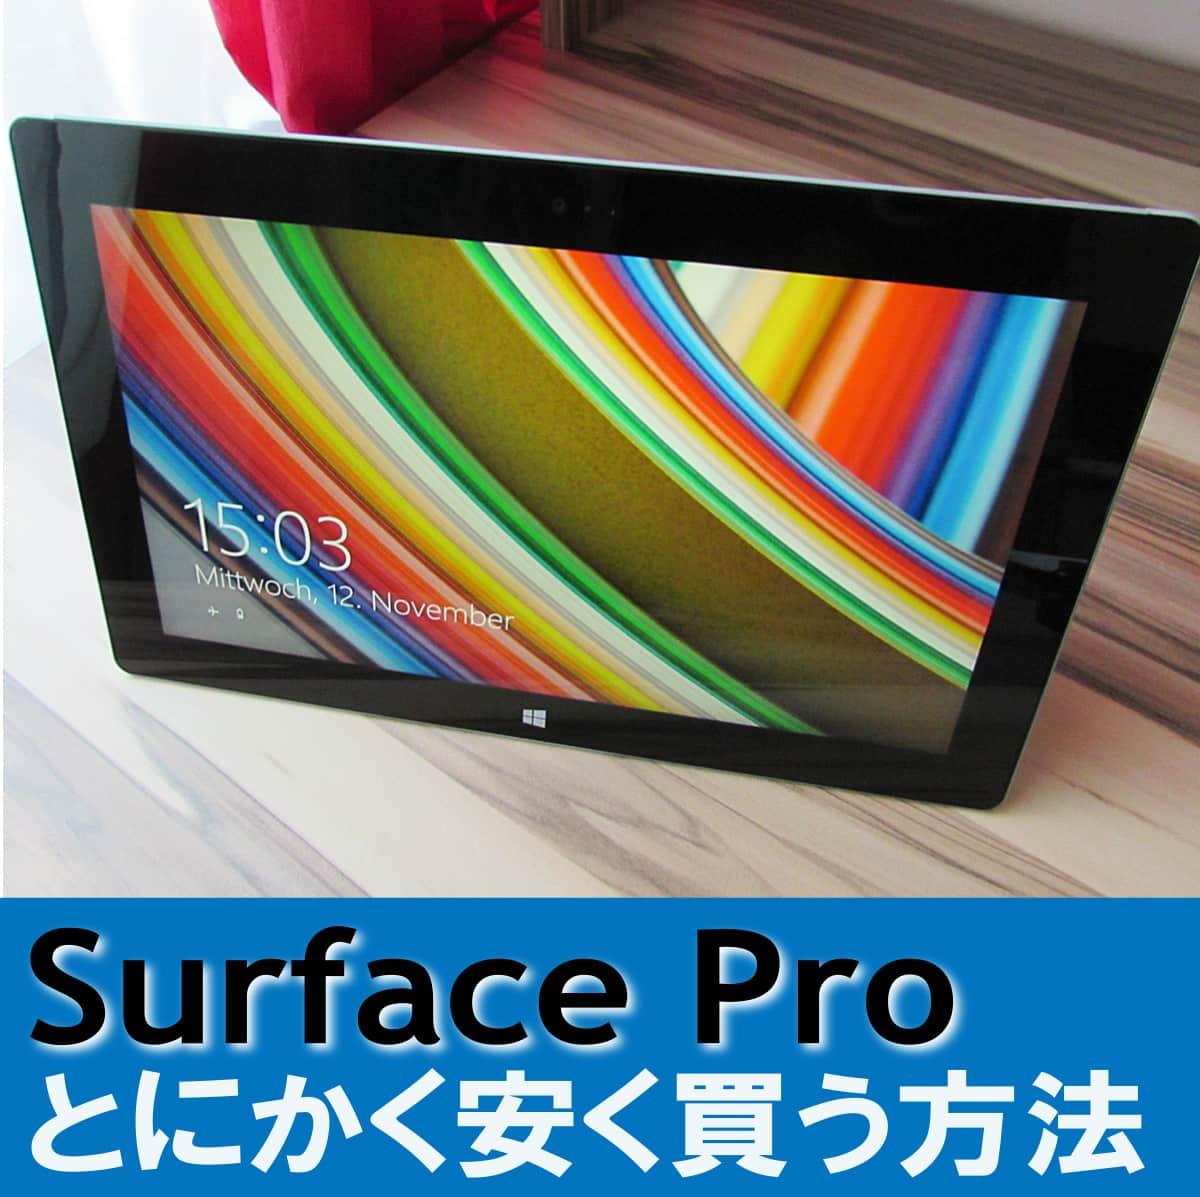 アイキャッチ:Surface Proをとにかく安く買う方法